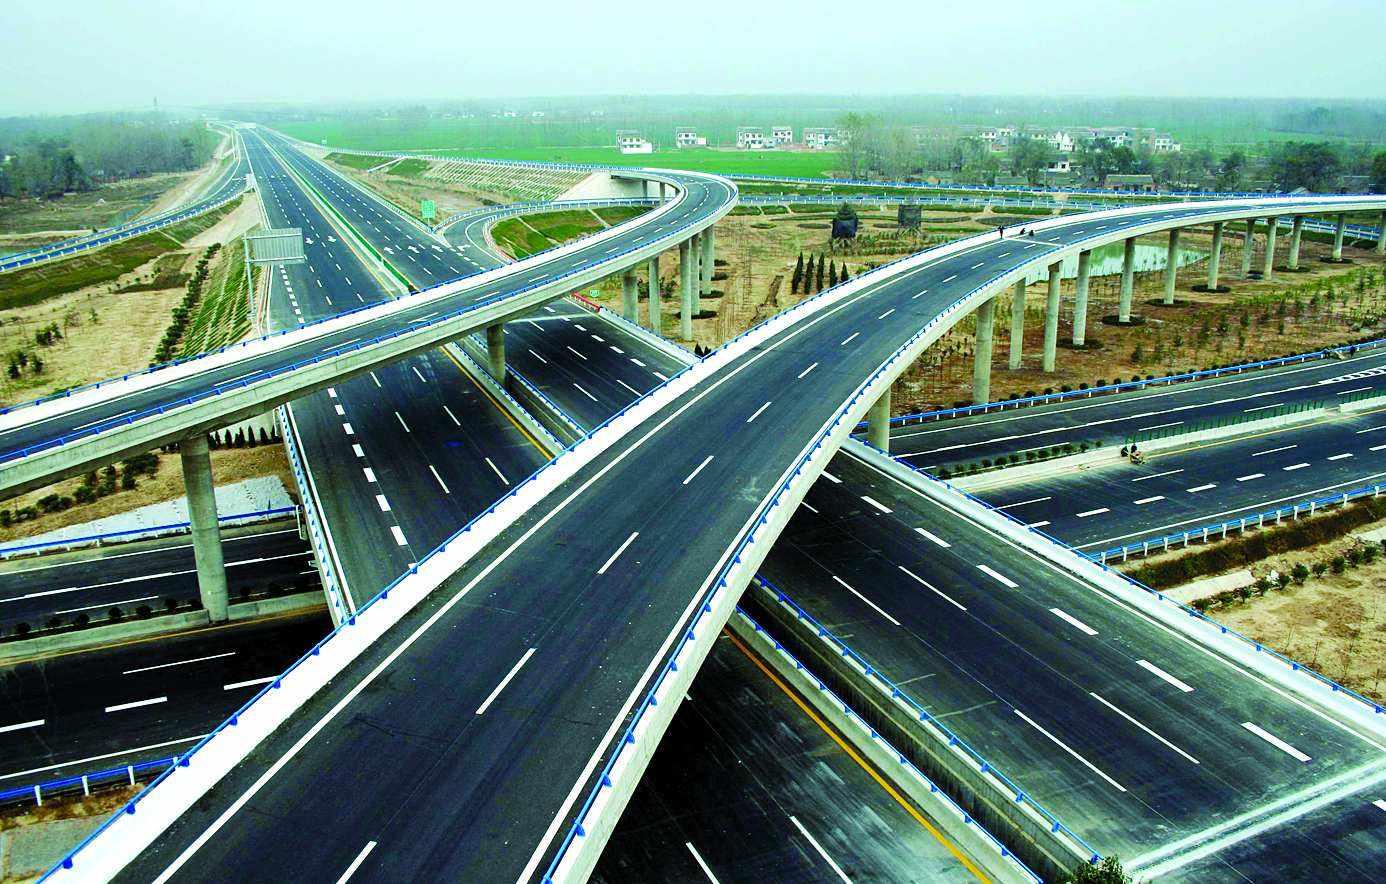 湖北在建的一条高速公路,对接河南,双向4车道,总投资约64亿元